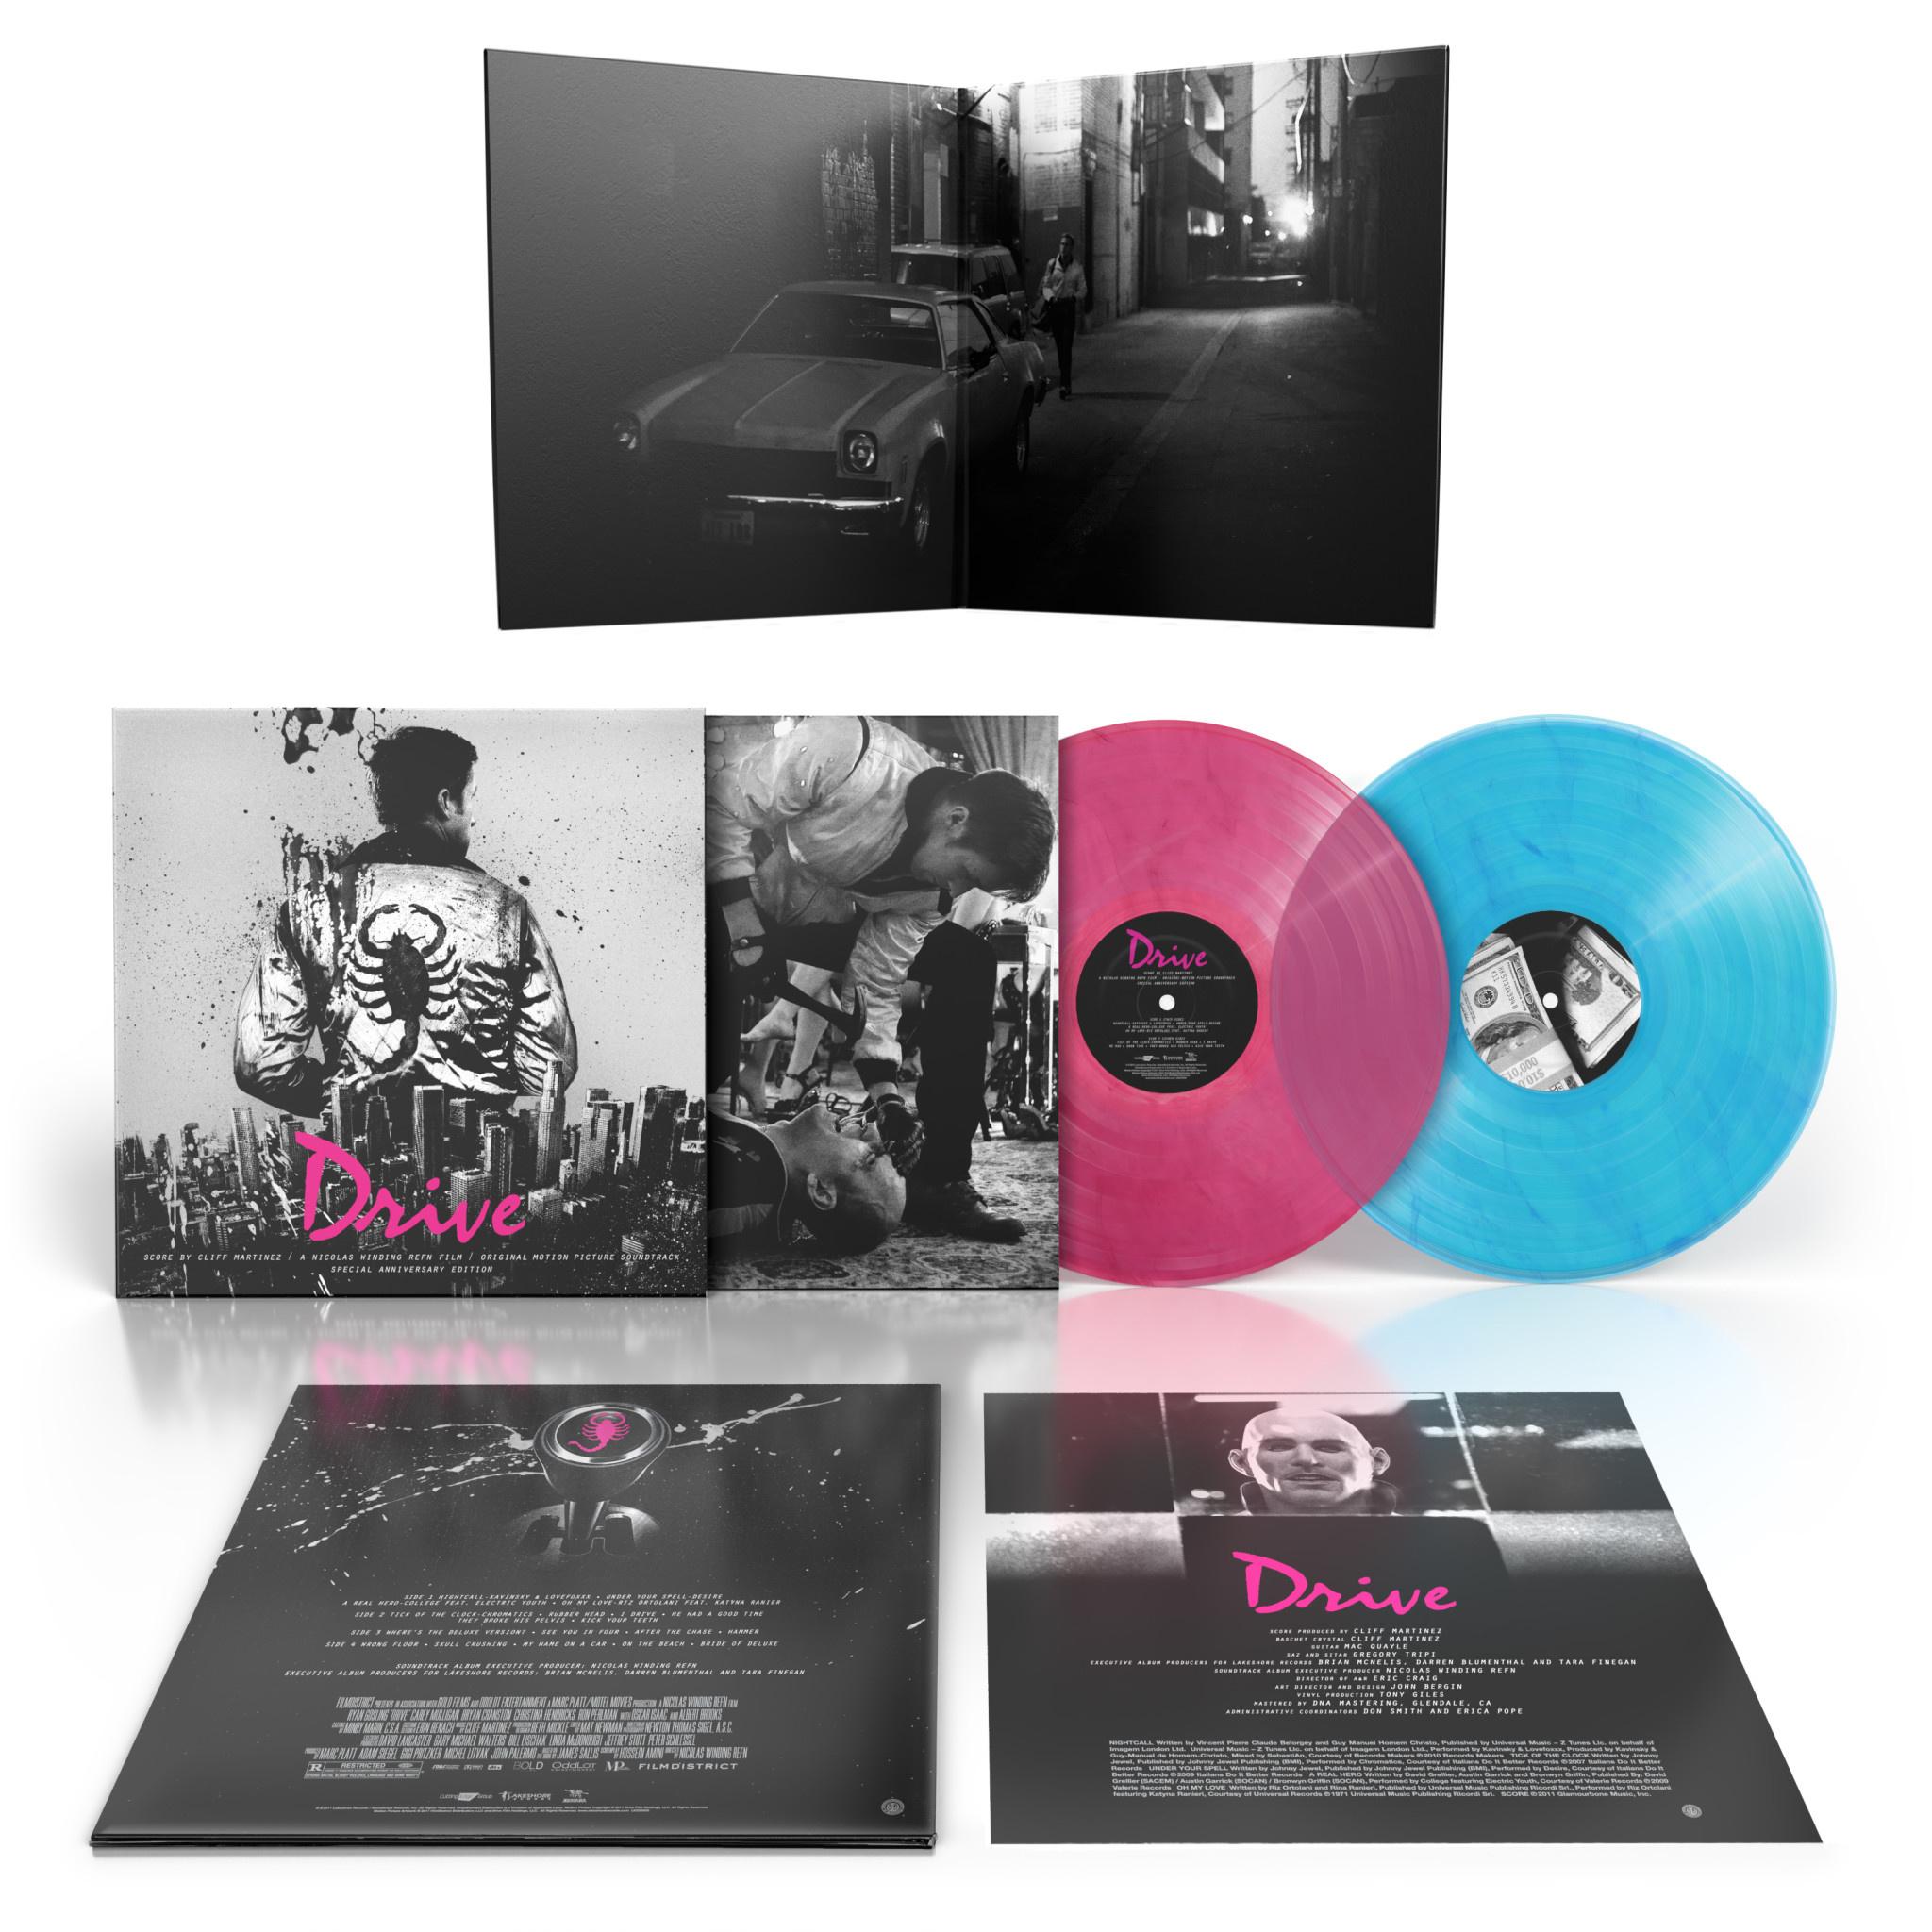 Invada Records Cliff Martinez - Drive - OST - 10th Anniversary Edition (Coloured Vinyl)